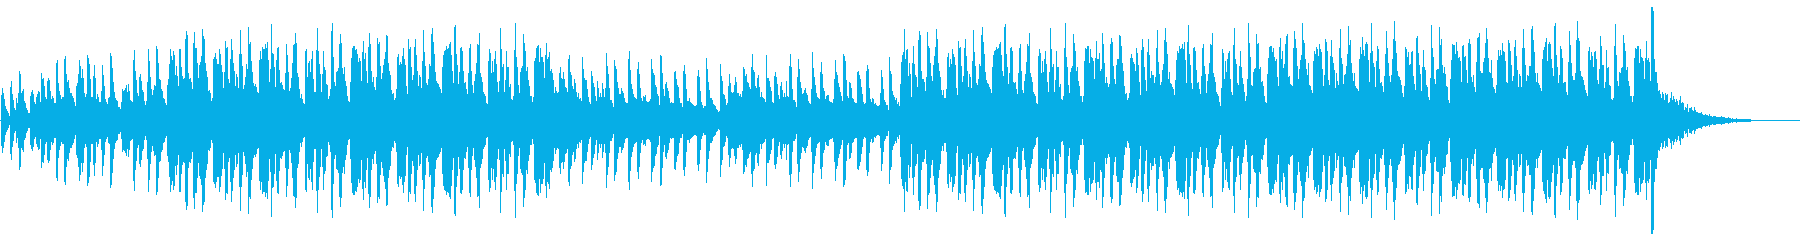 感傷的なシネマティックオーケストラの再生済みの波形